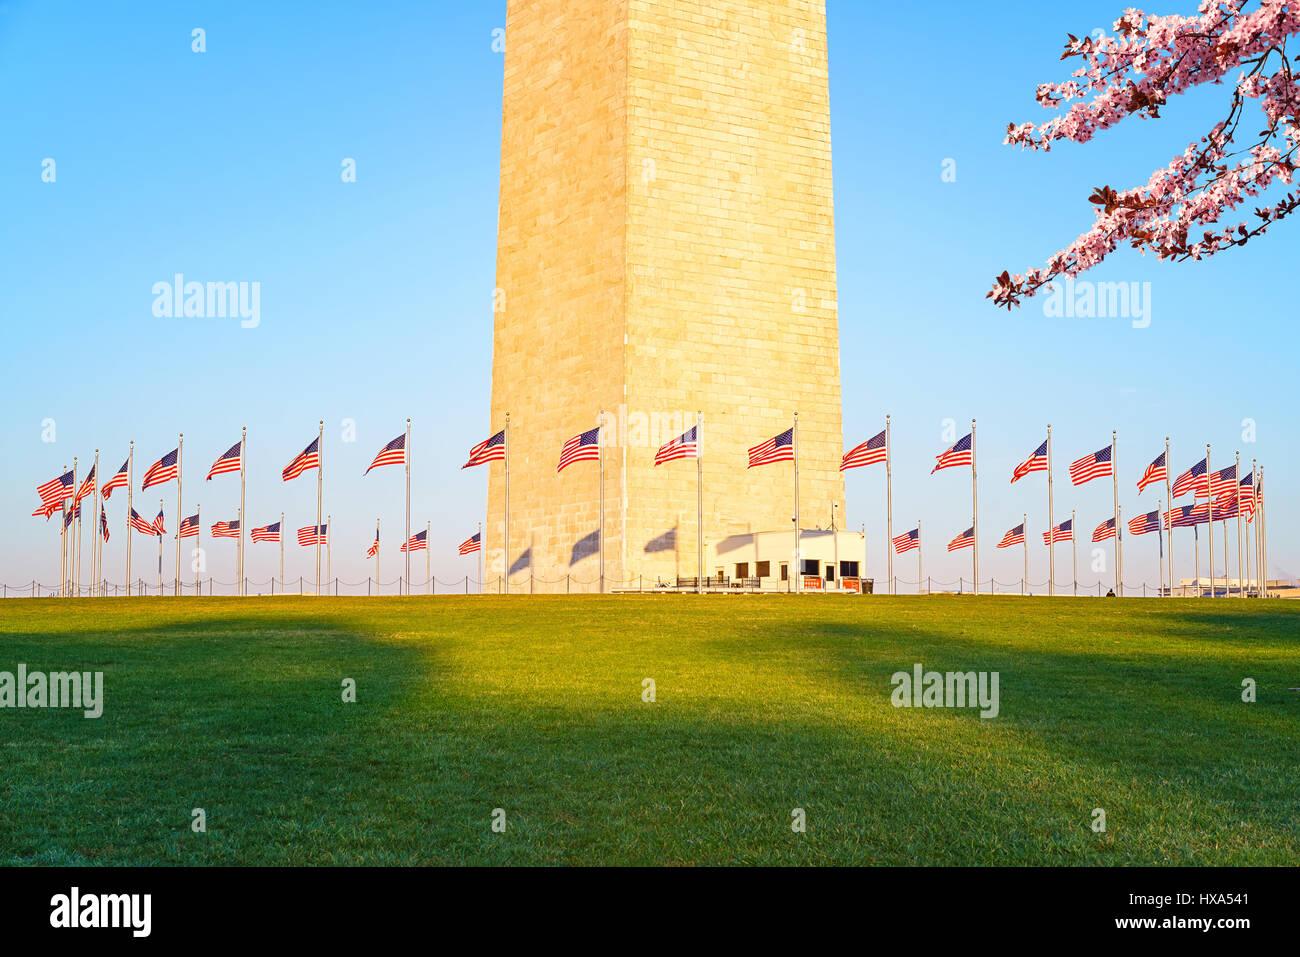 Fiore di Ciliegio vicino al Monumento di Washington, Stati Uniti d'America Foto Stock